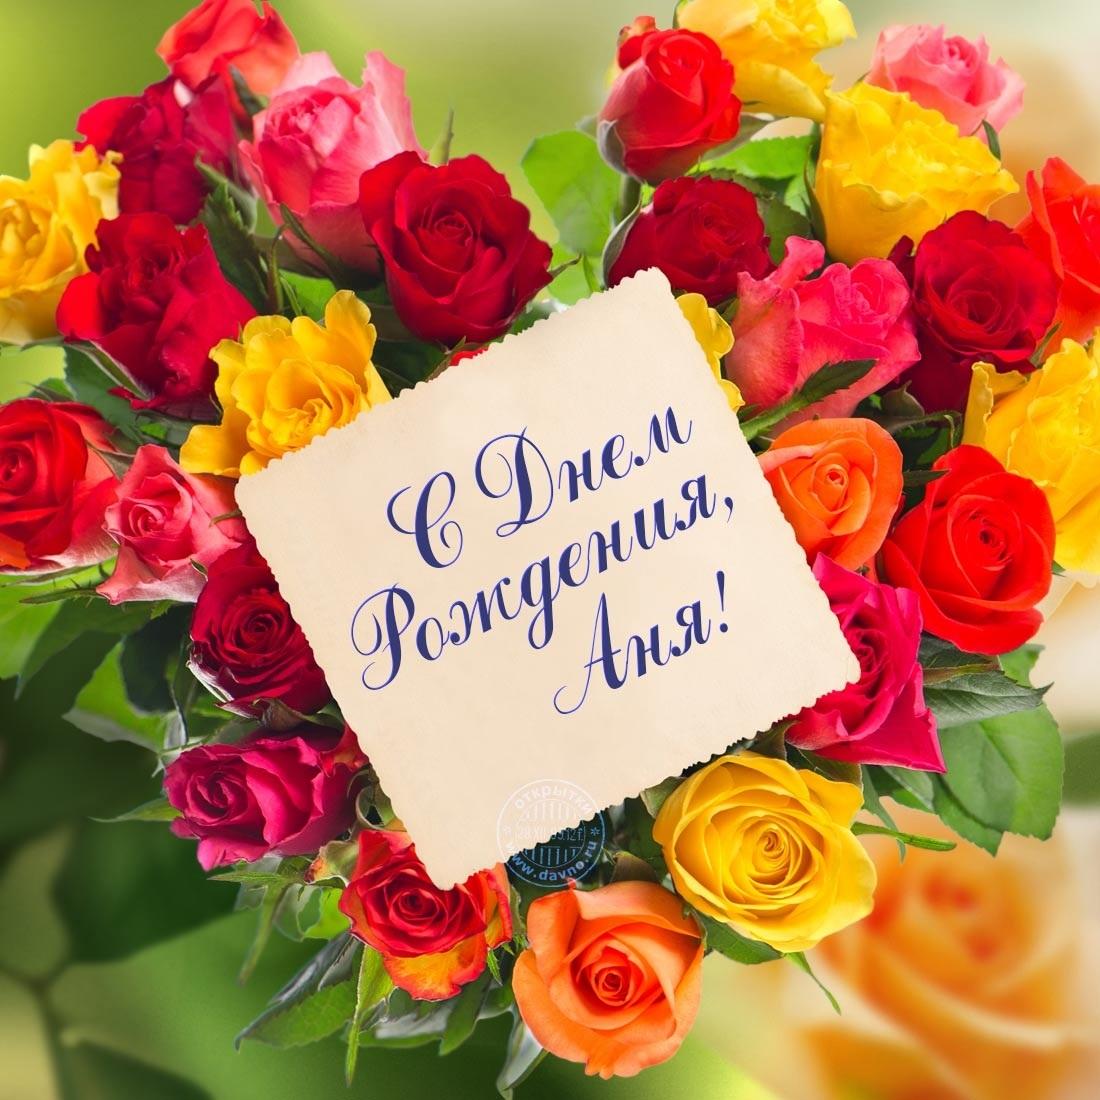 Аня с днем рождения в картинках004